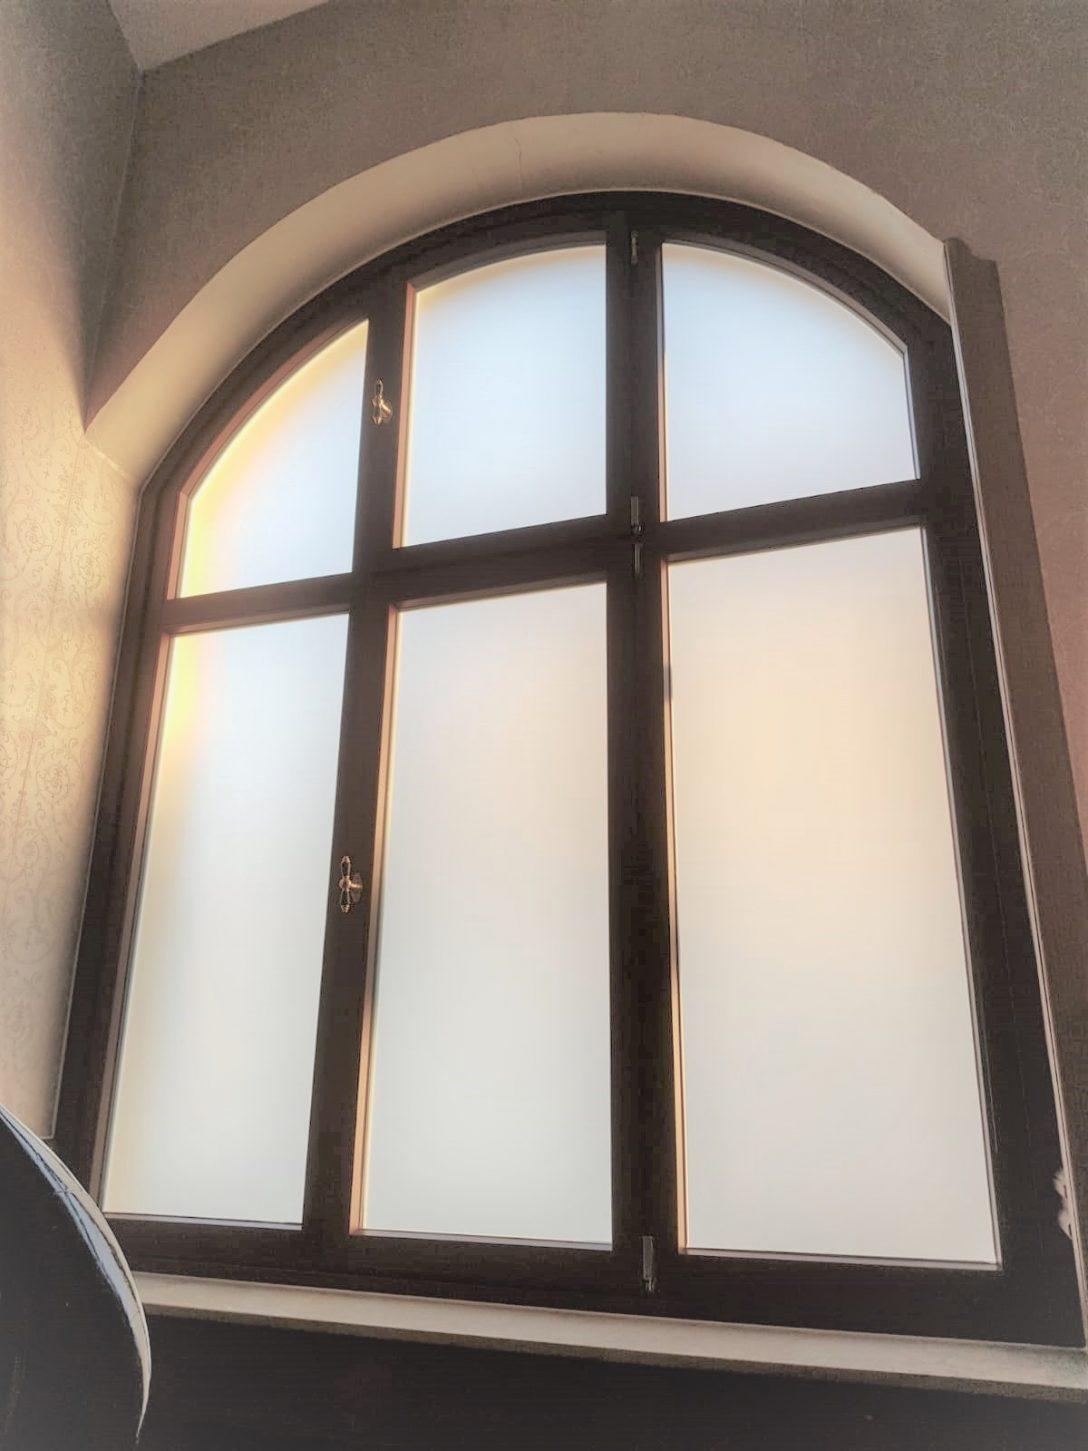 Large Size of Schenk Schreinerwerksttte Fenstertechnik Gmbh Gmbhde Fenster Konfigurator Fliegengitter Für Folie Nach Maß Beleuchtung Einbruchsicher Nachrüsten Veka Fenster Fenster Tauschen